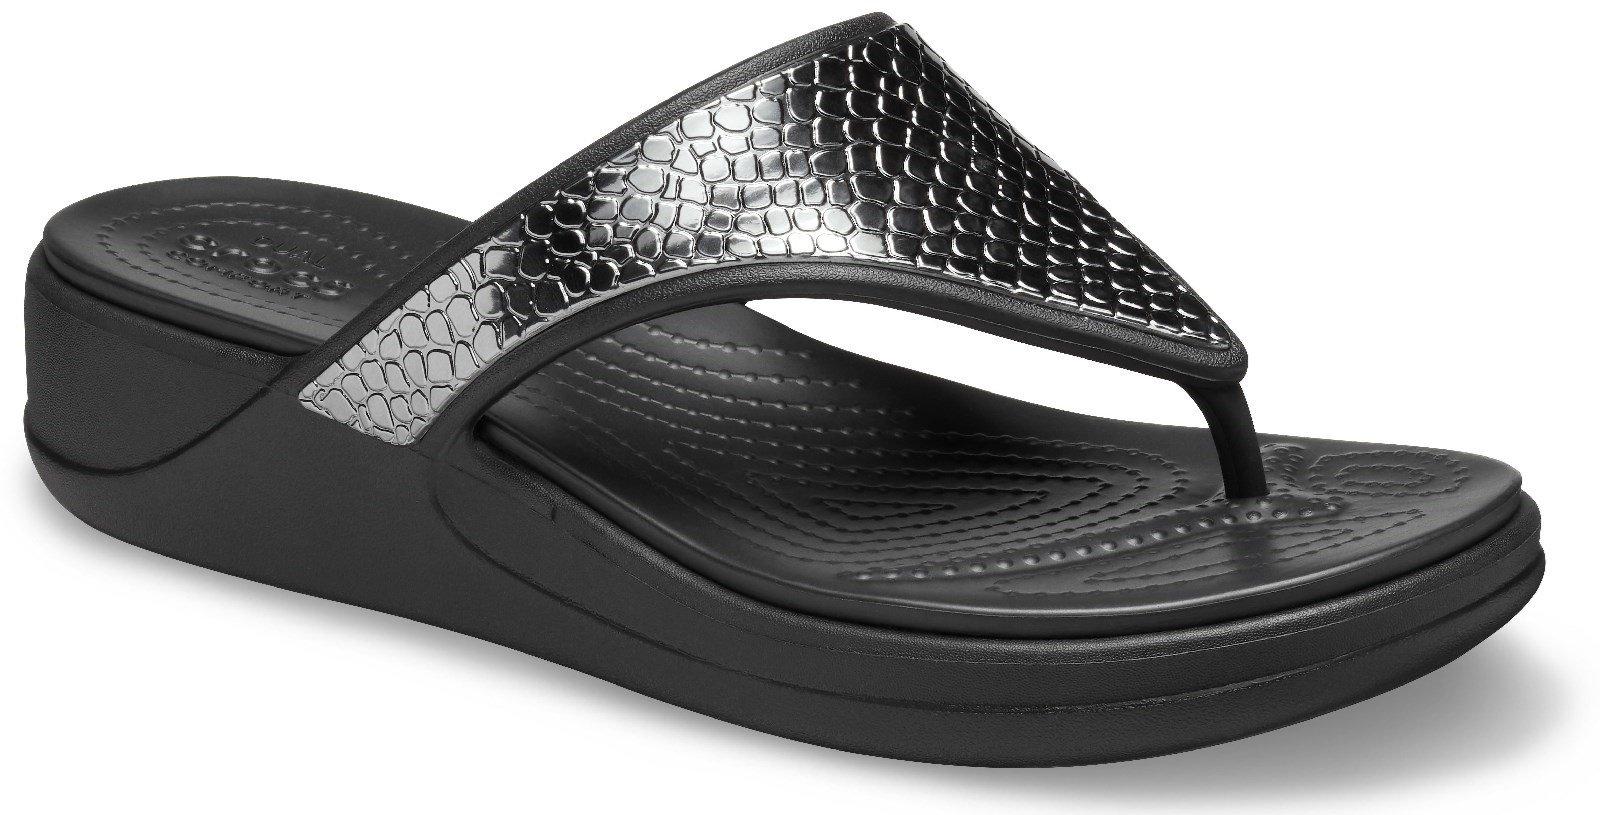 Crocs Women's Monterey Metallic Wedge Flip Flop Multicolor 30614 - Charcoal/Black 4